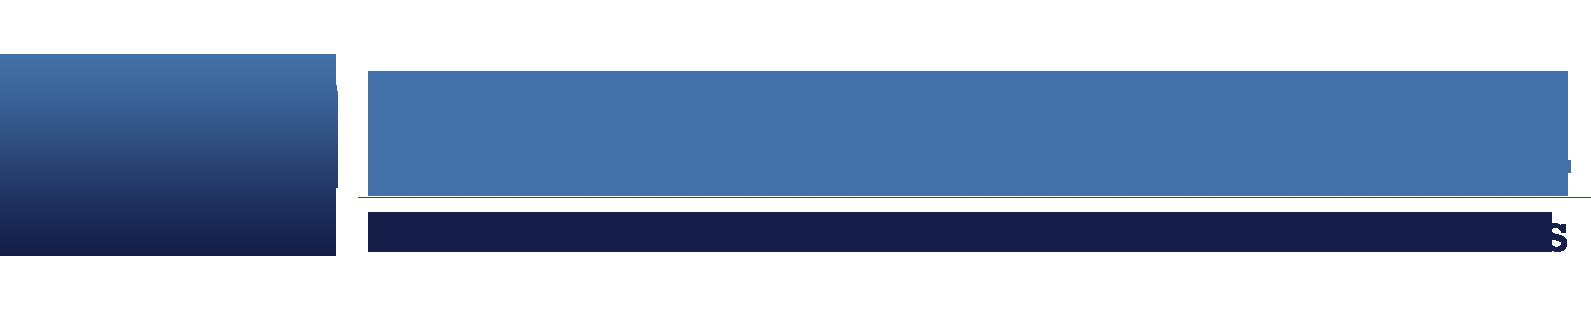 Laredo, TX CPA Firm | Wordpress Page | Bert Kraus, CPA